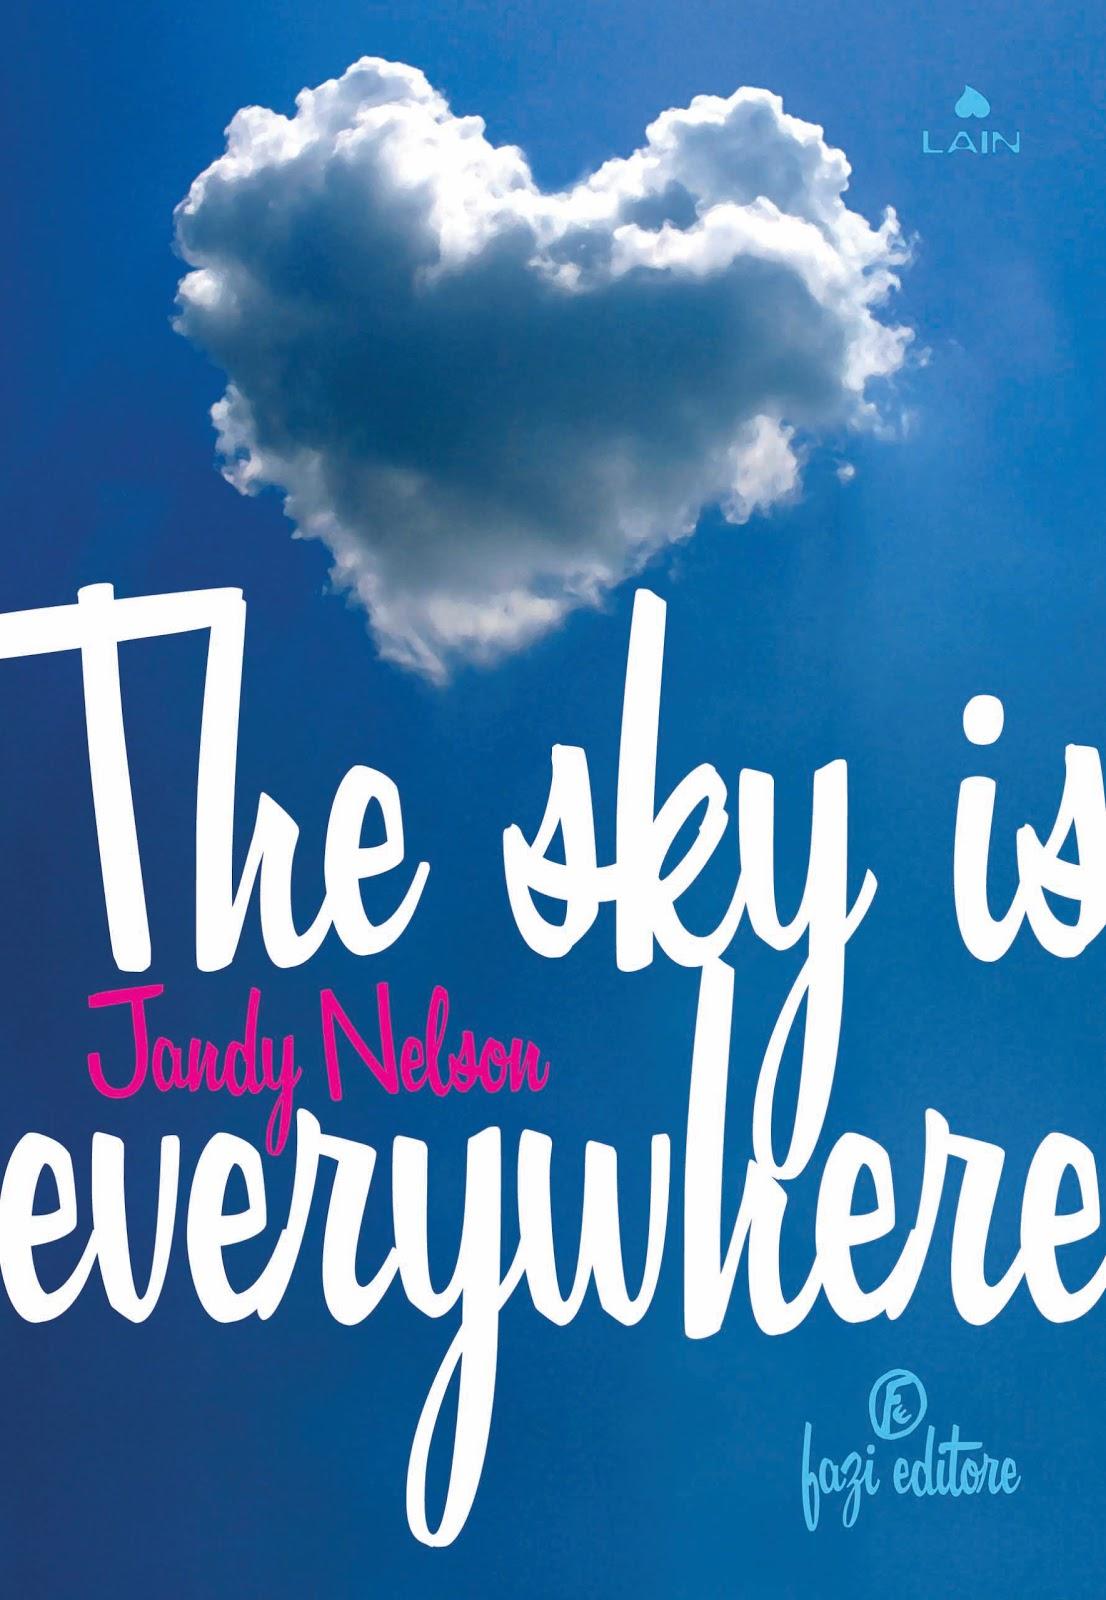 http://3.bp.blogspot.com/-mPOwAwwAh04/TclNrVMj1BI/AAAAAAAAAOA/9G9J0yeBx68/s1600/skyiseverywhere+light.jpg